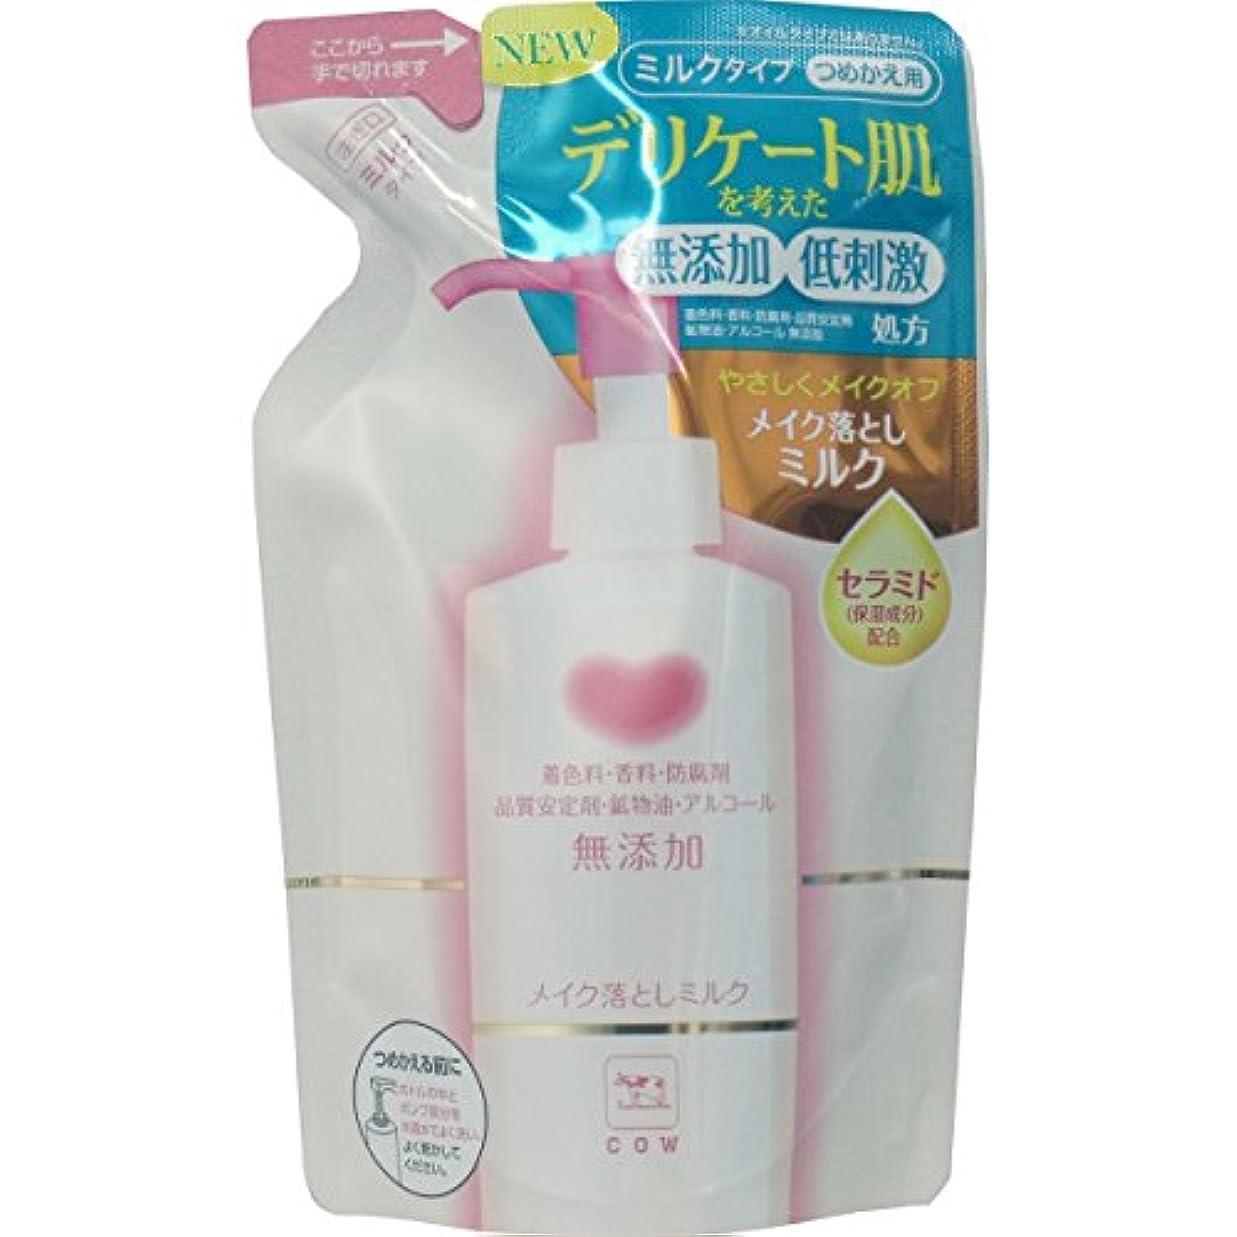 大腿分析的交換【牛乳石鹸共進社】カウ無添加 メイク落としミルク つめかえ用 130ml ×3個セット